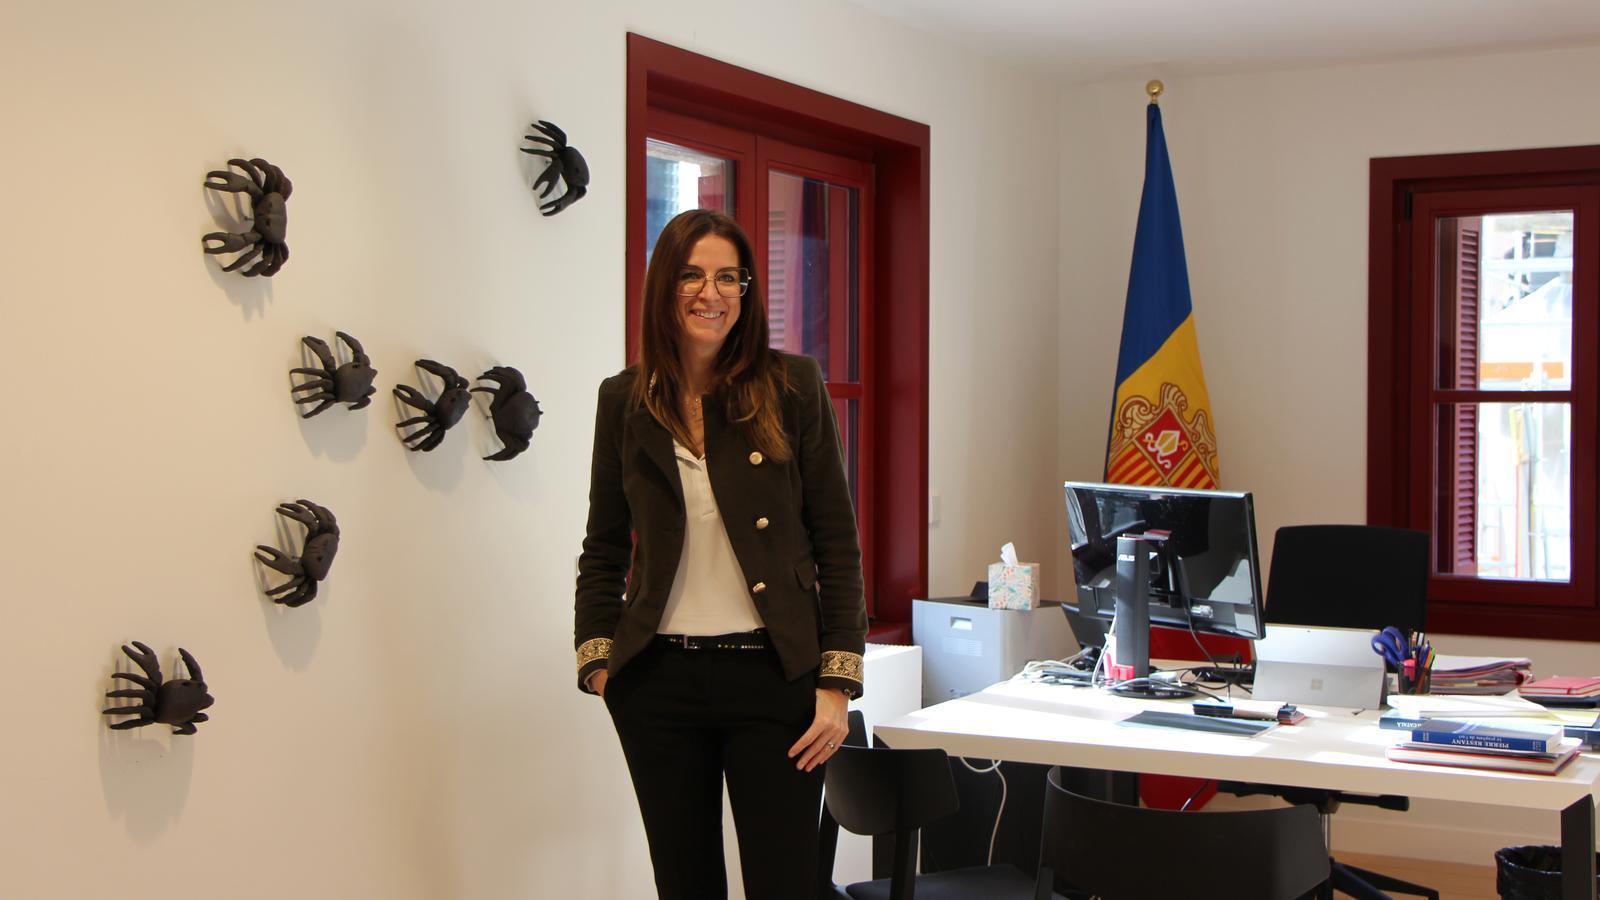 Sílvia Riva en el seu nou despatx al Rosaleda. / A.S. (ANA)